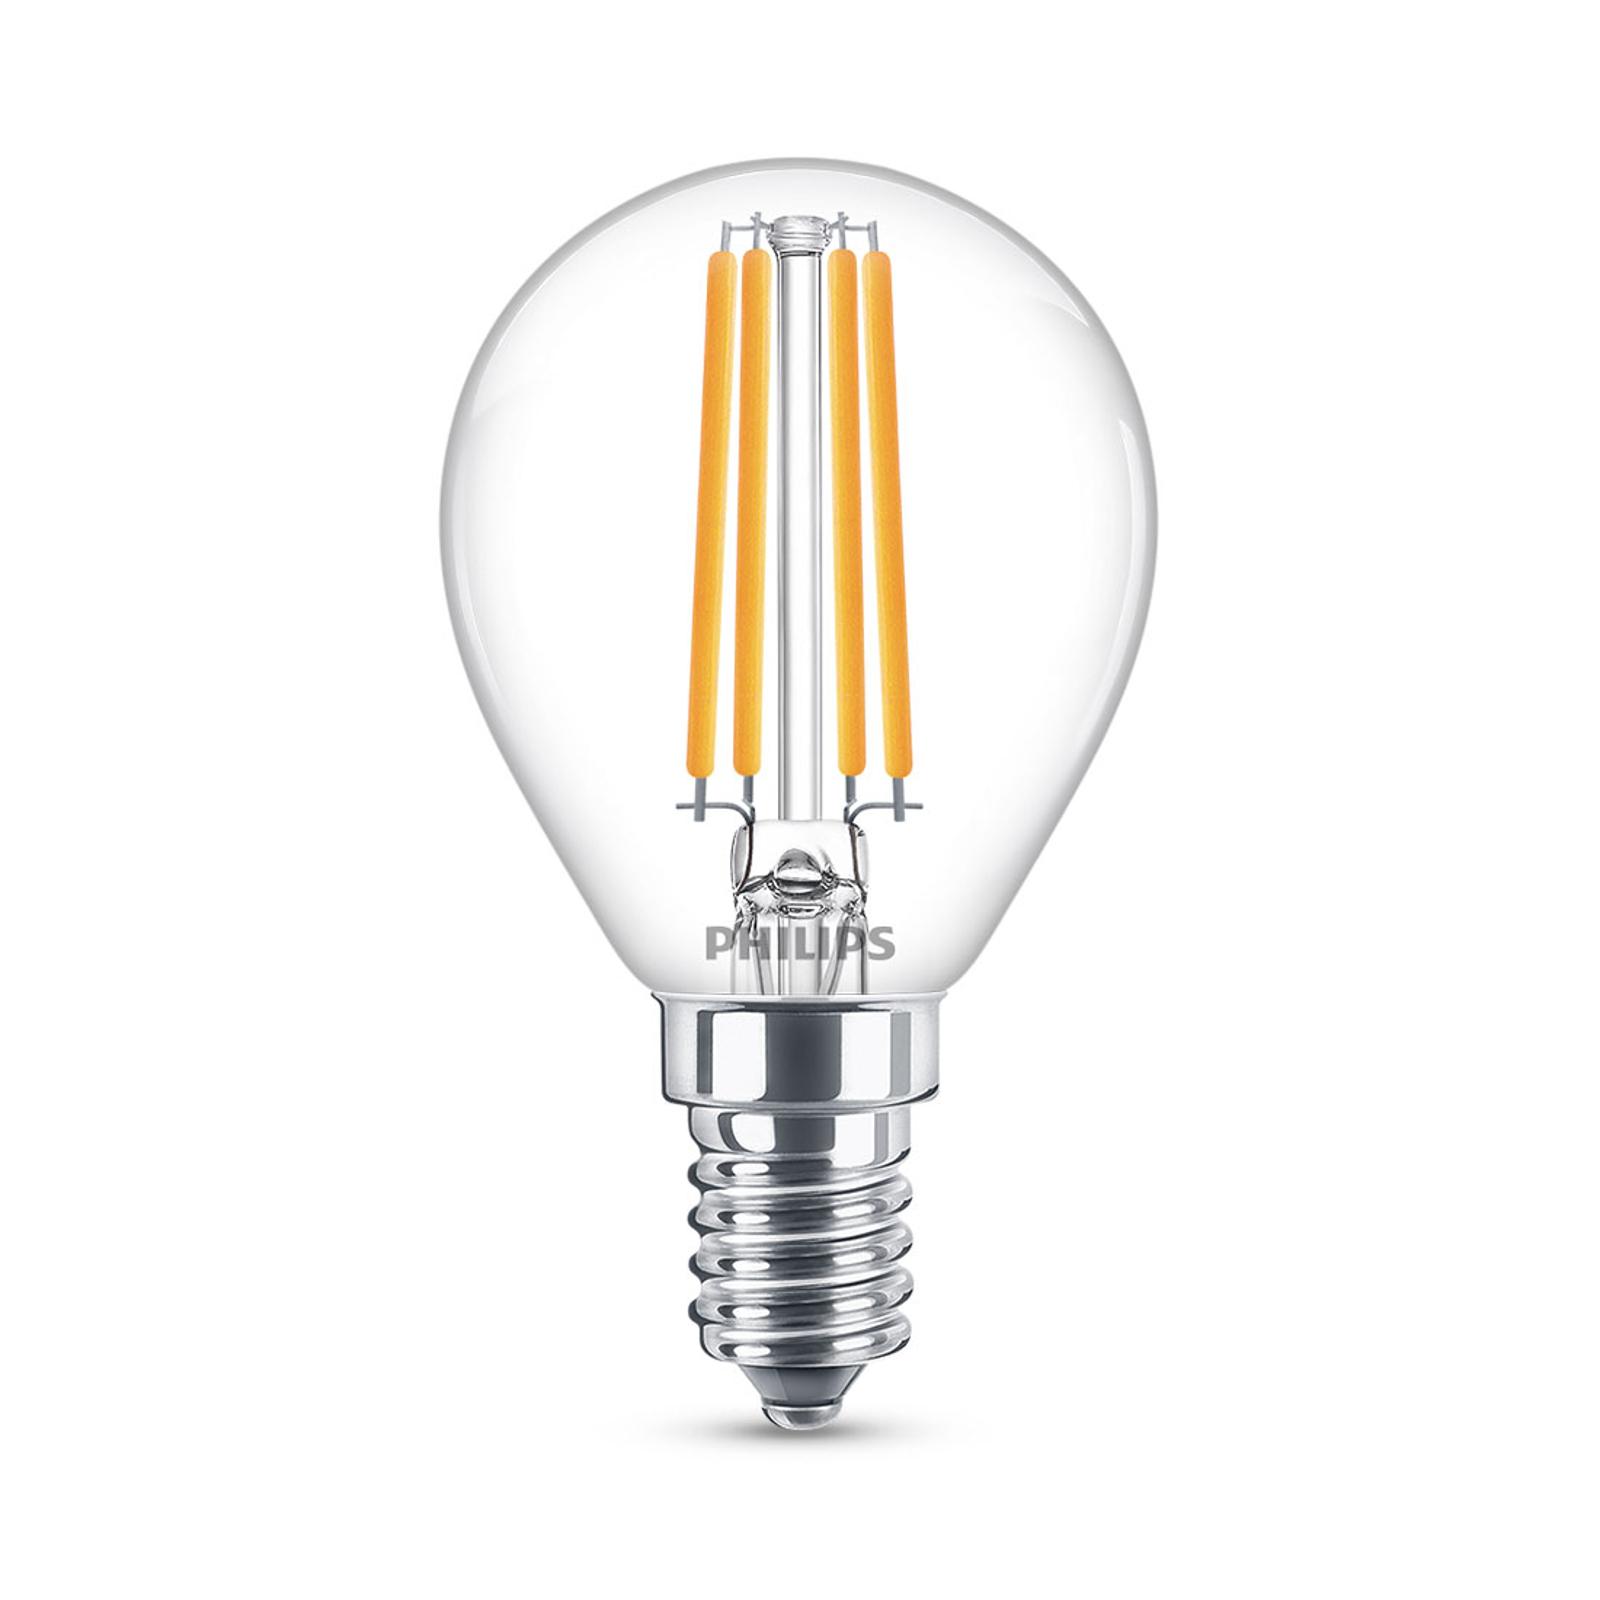 Philips Classic LED-Lampe E14 P45 6,5W 2.700K klar